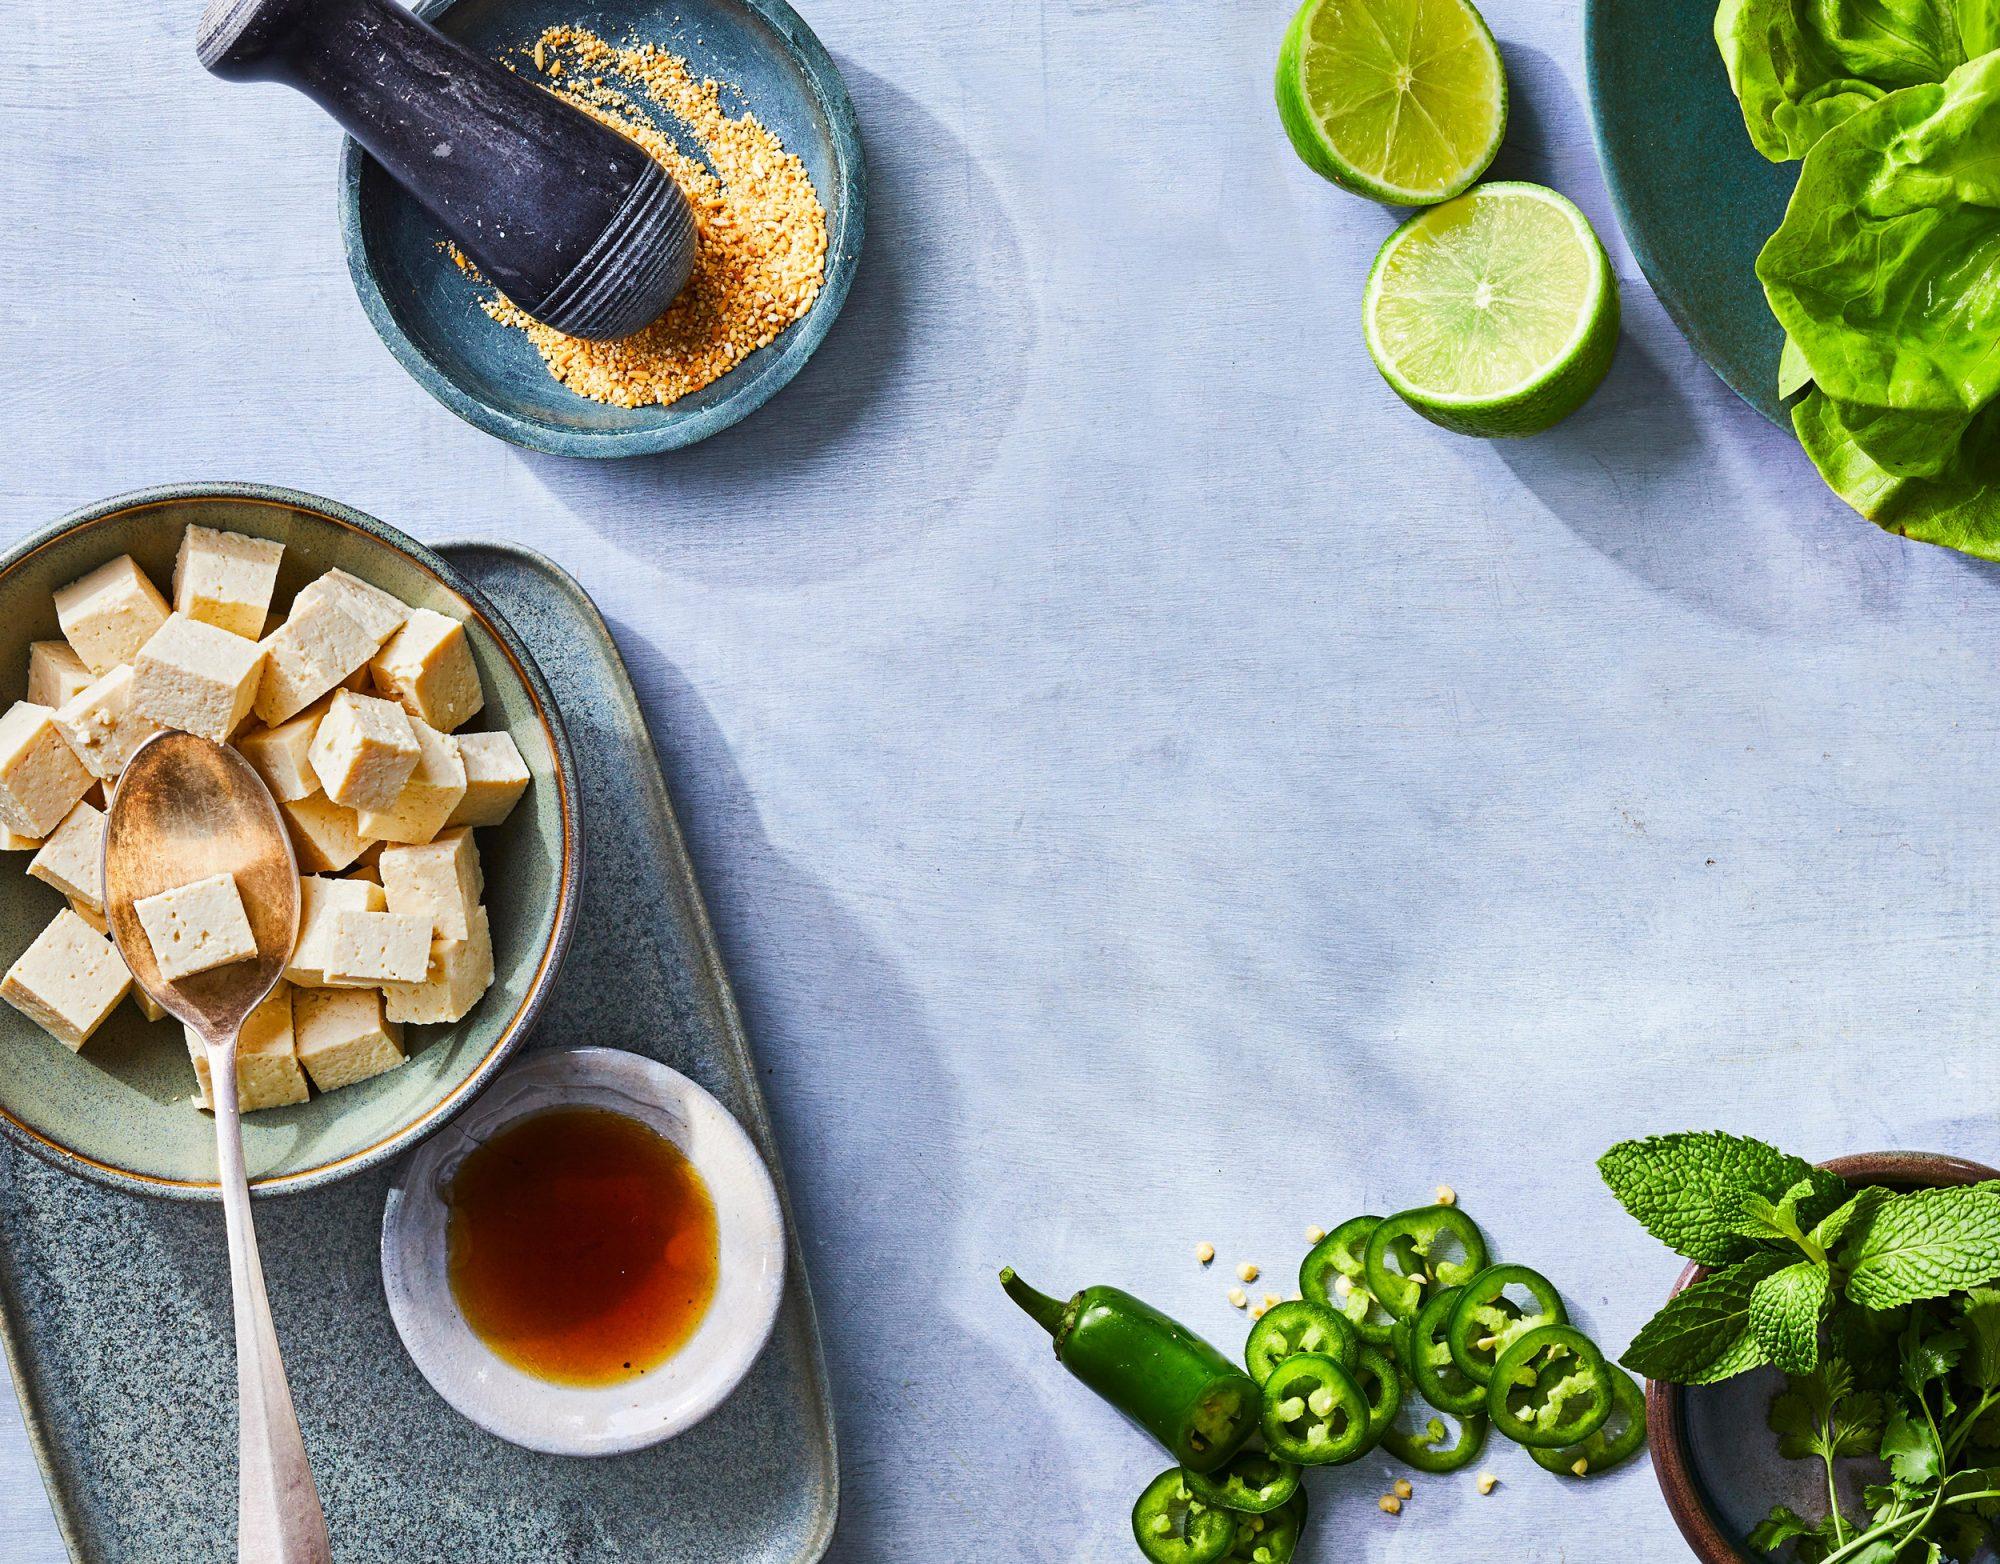 Laap Tofu Ingredients